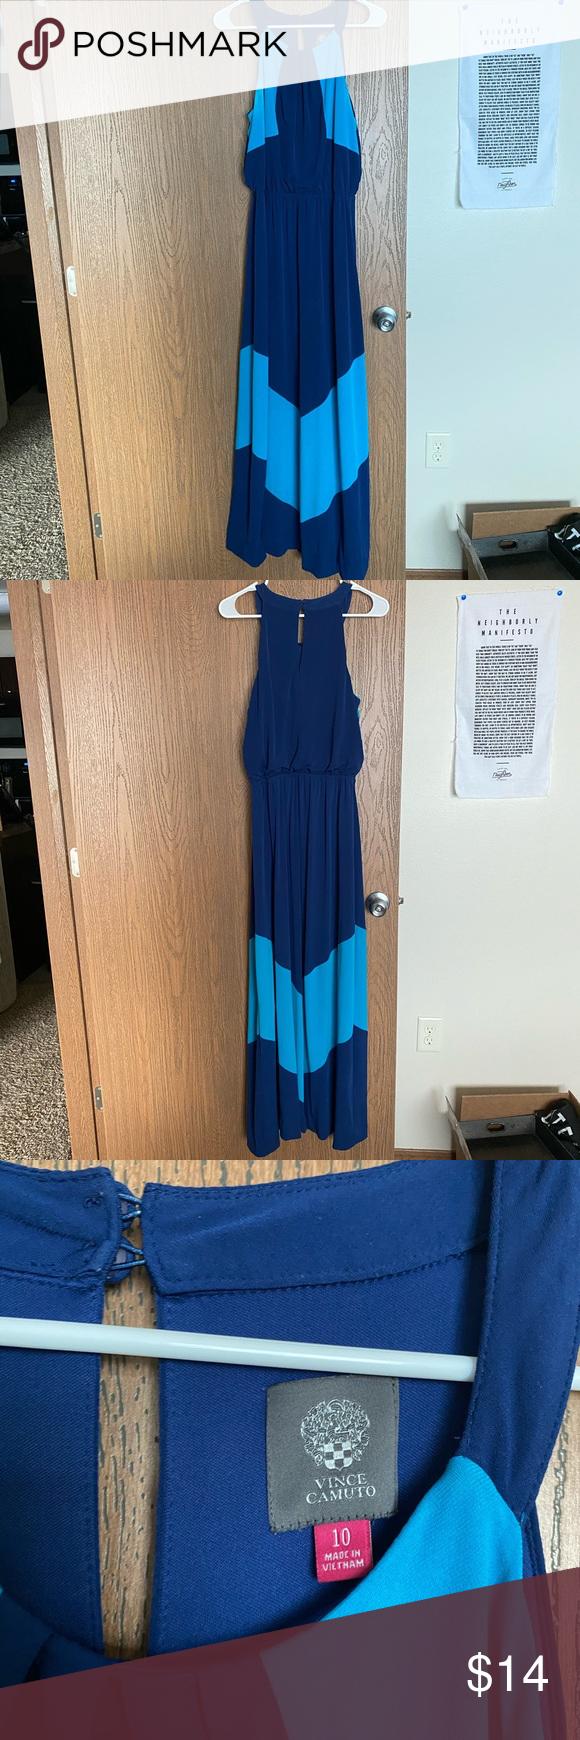 Vince Camuto Maxi Dress Clothes Design Dresses Maxi Dress [ 1740 x 580 Pixel ]